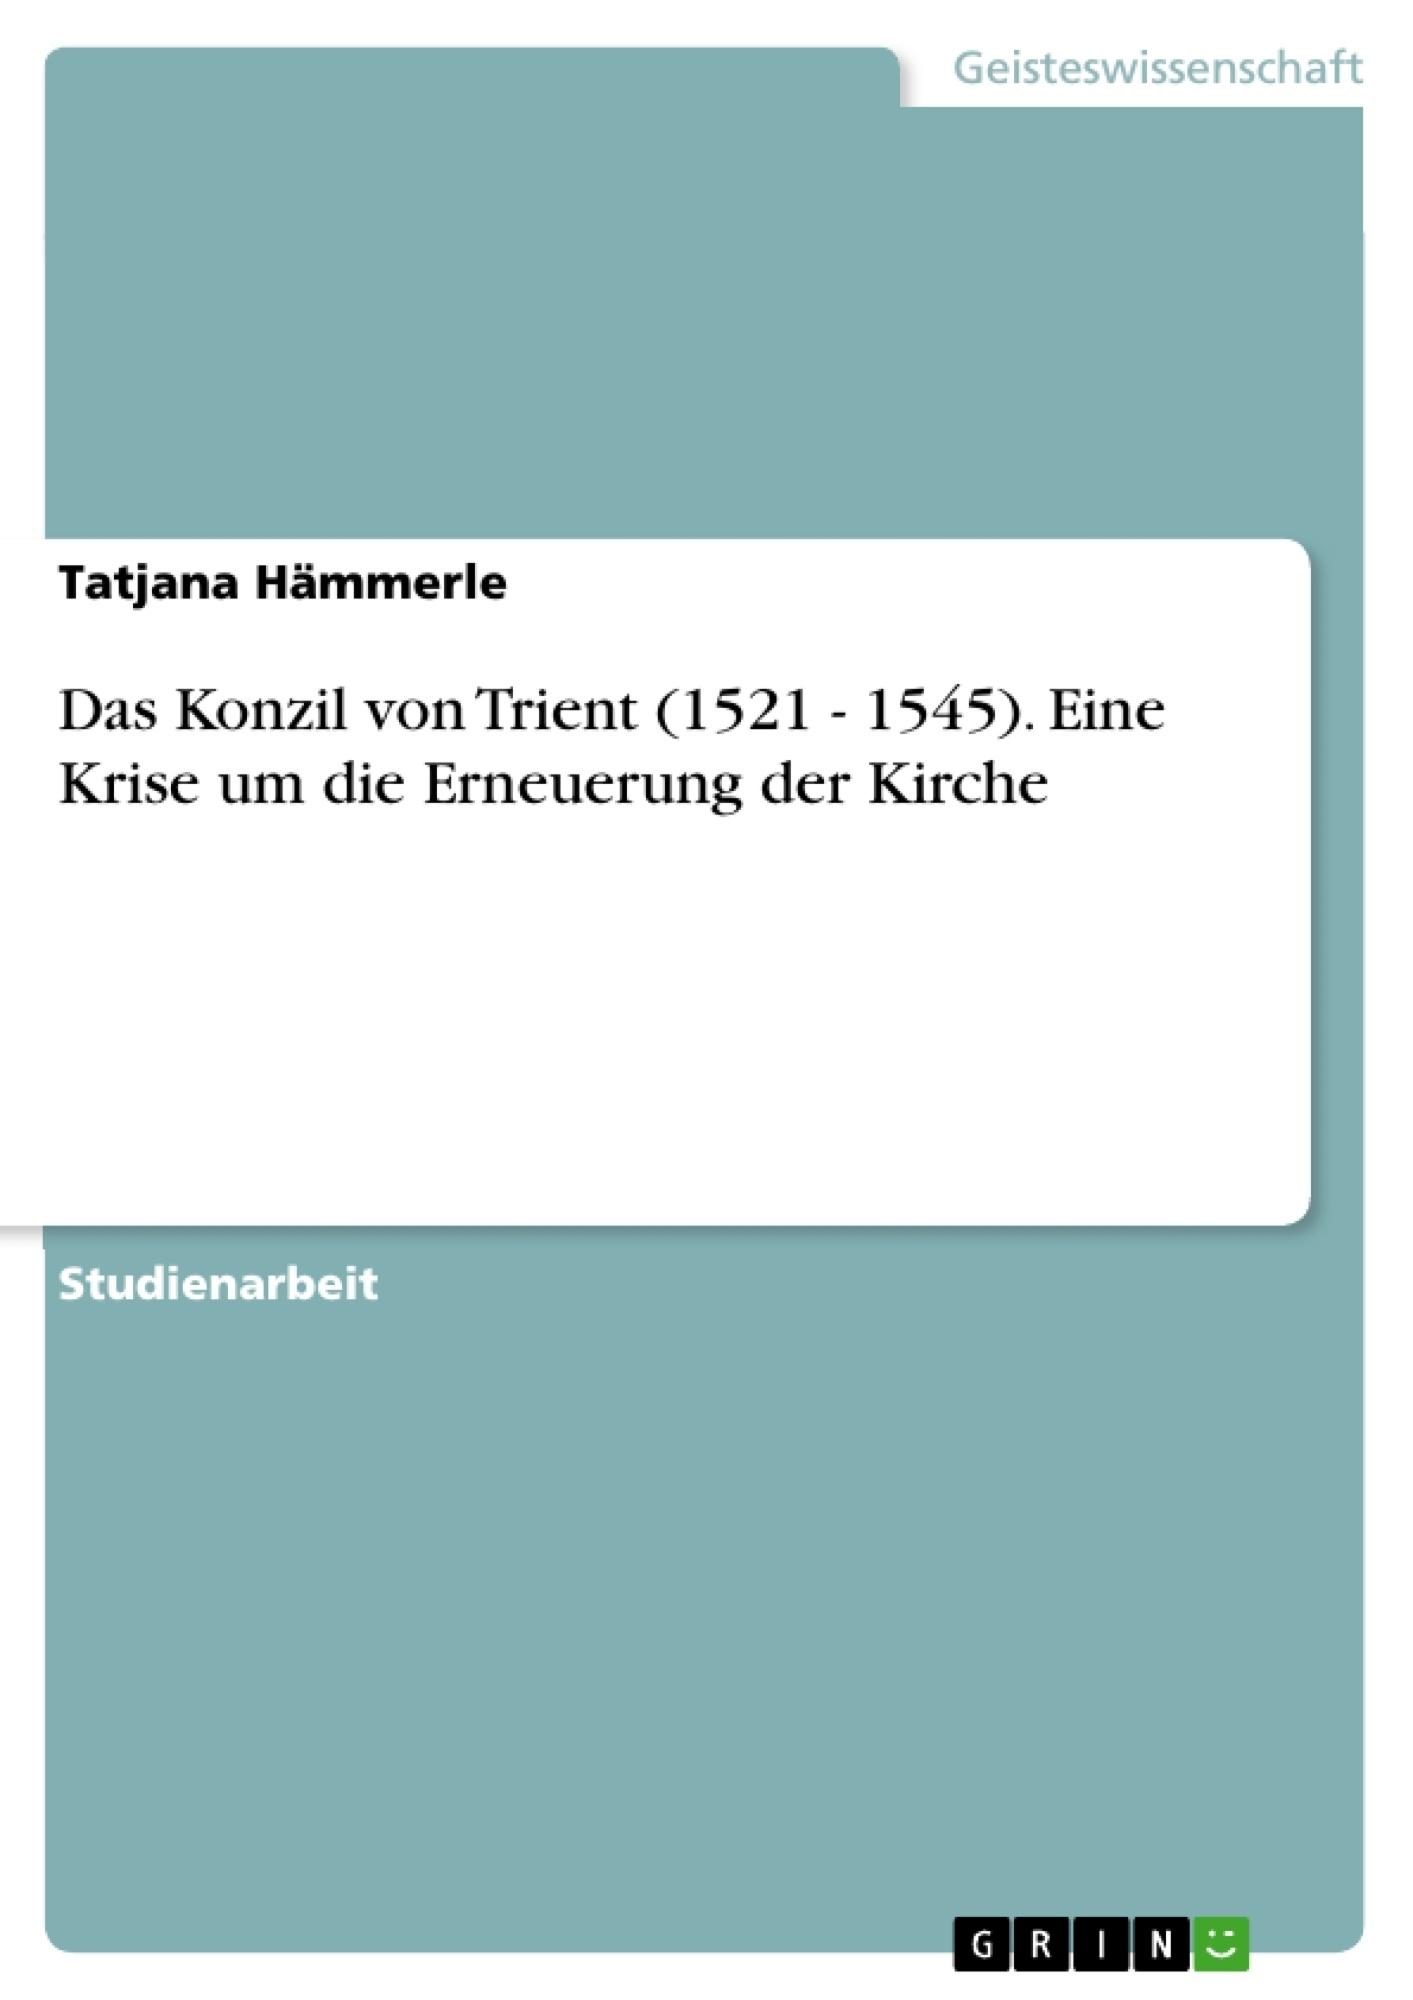 Titel: Das Konzil von Trient (1521 - 1545). Eine Krise um die Erneuerung der Kirche